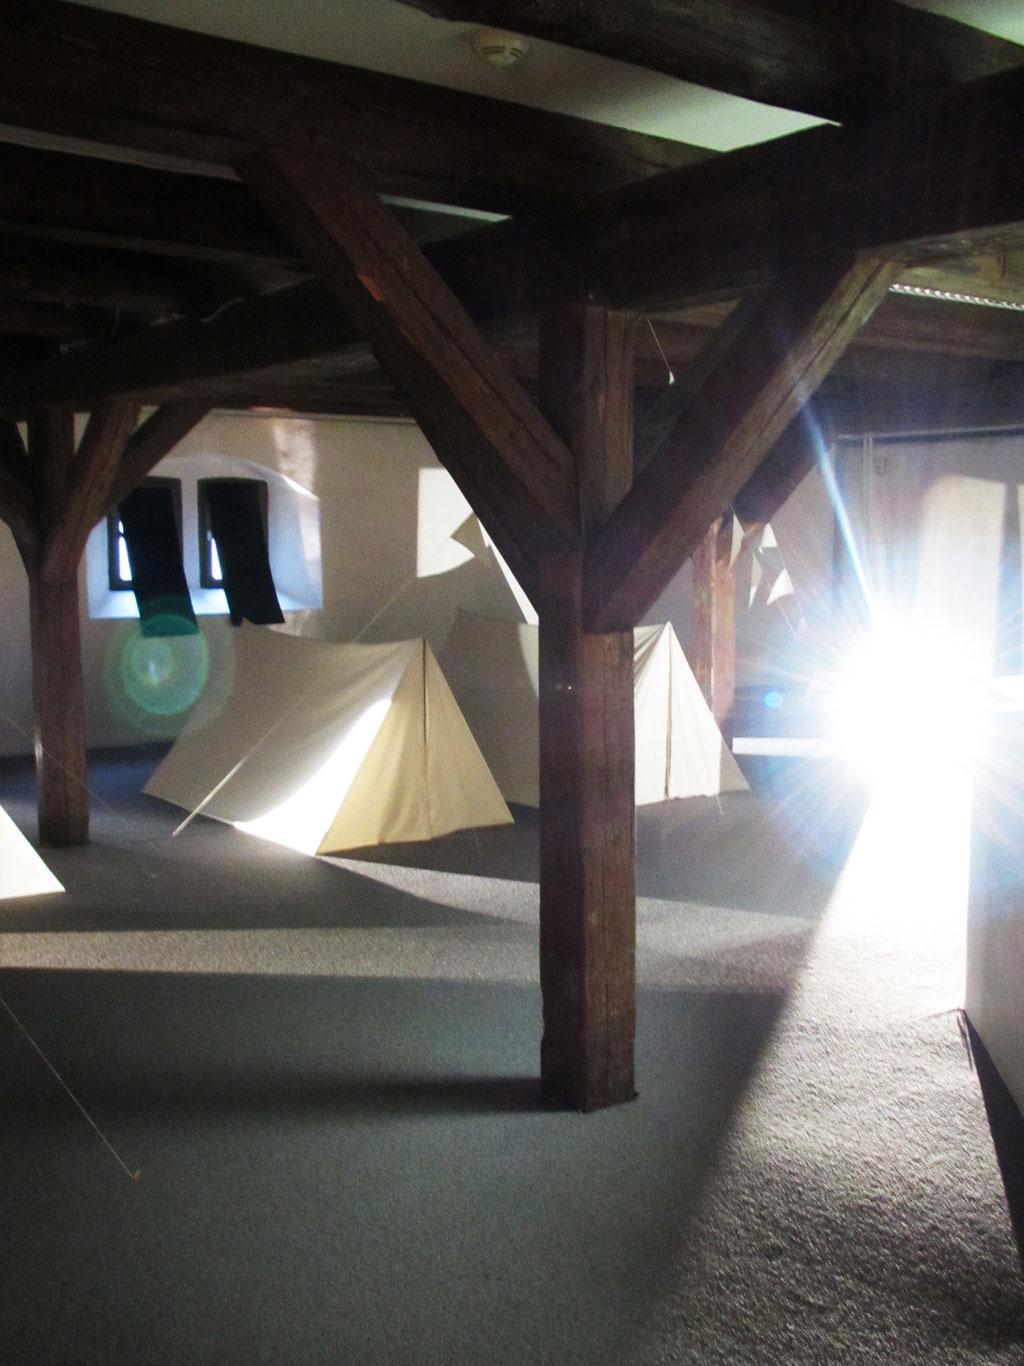 Sommergäste | Baumwollstoff, Bambusstangen, Schnur, Projektoren, Spiegel | 2014